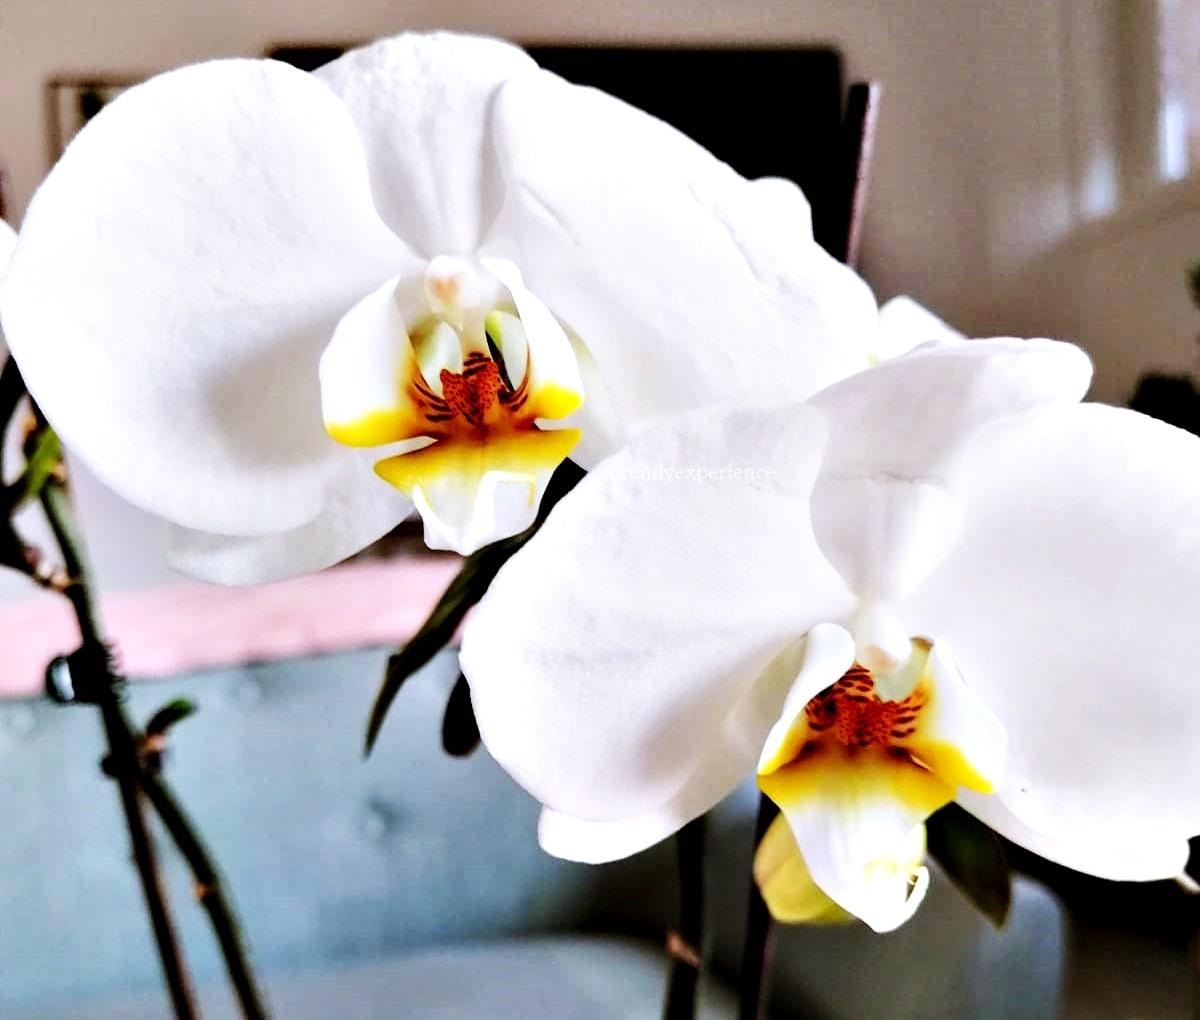 Orchidea in vaso, come Curarla, Conservarla e farla Rifiorire in modo naturale